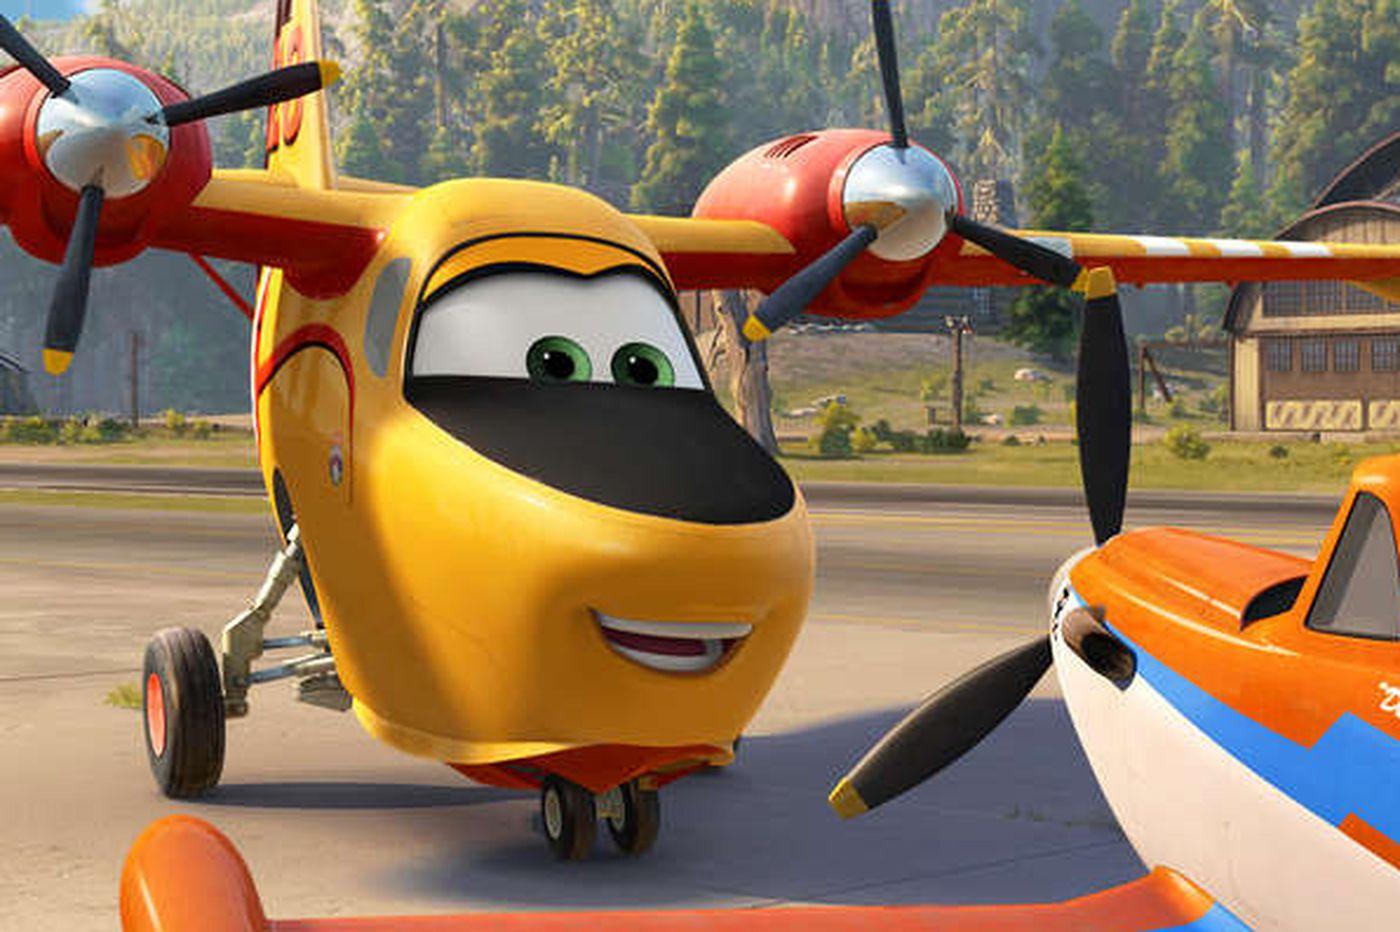 'Planes: Fire & Rescue': Dusty's back, battling blazes